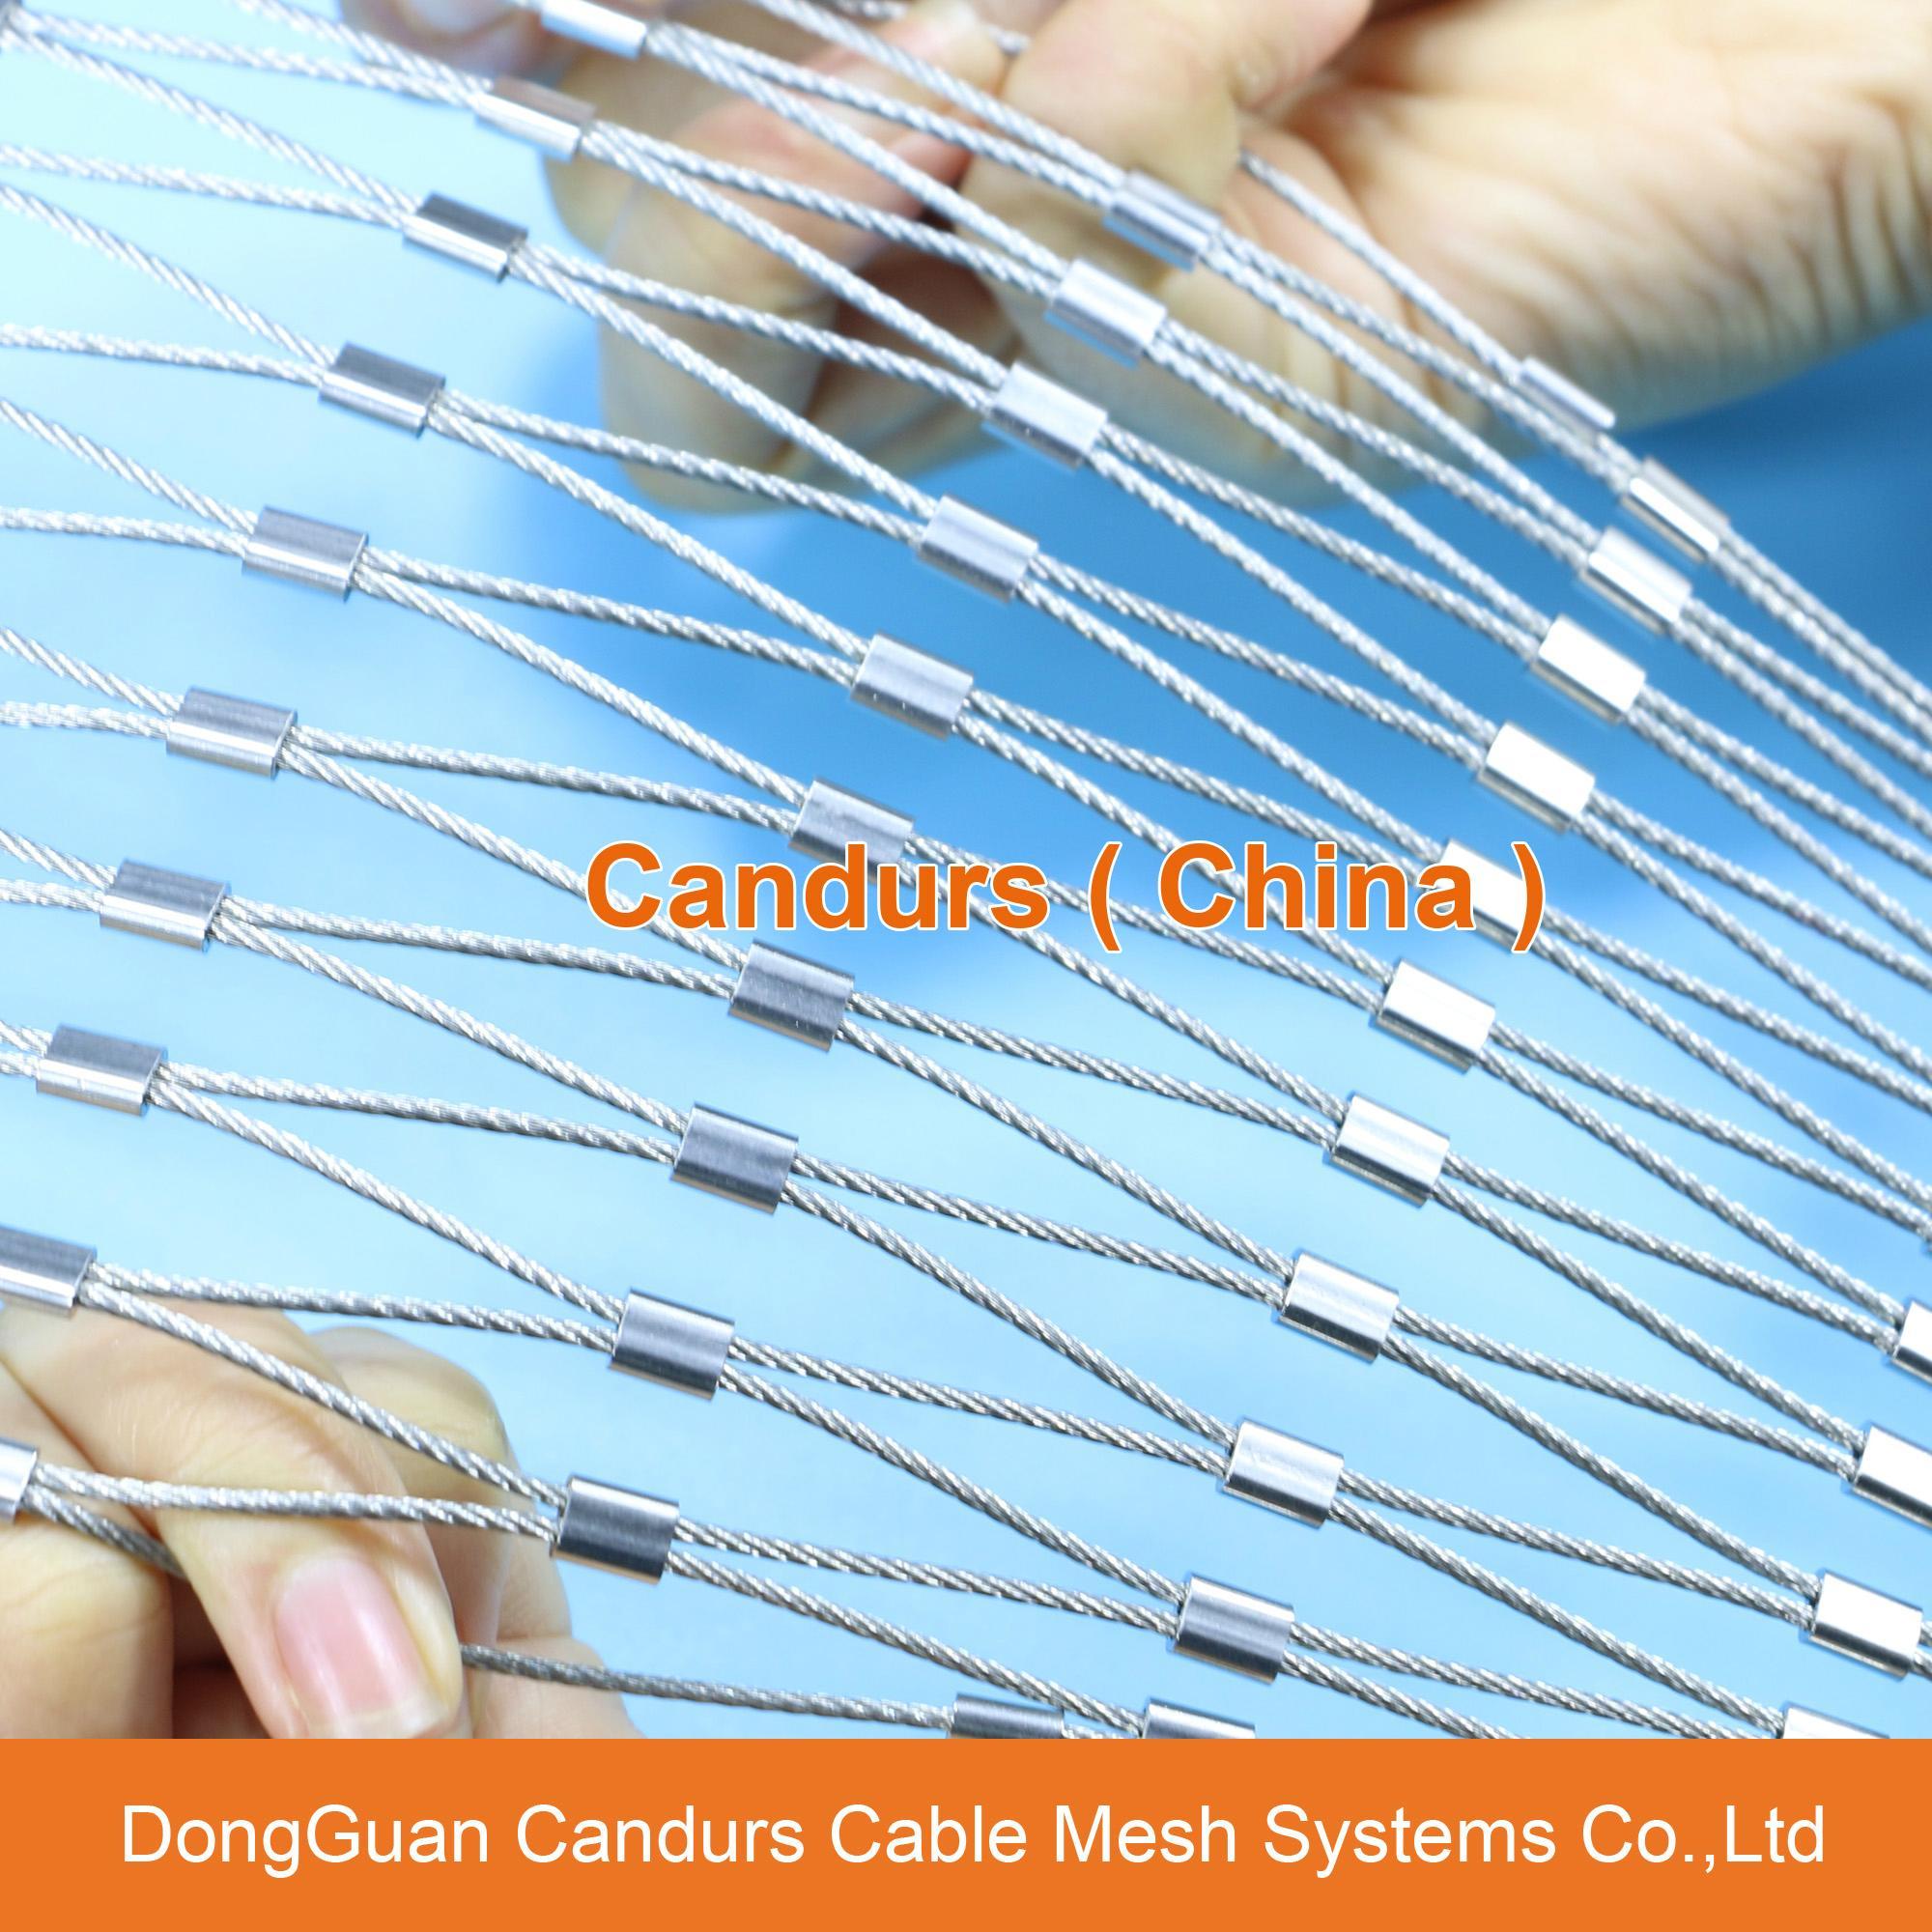 不鏽鋼實用裝飾防護網 15